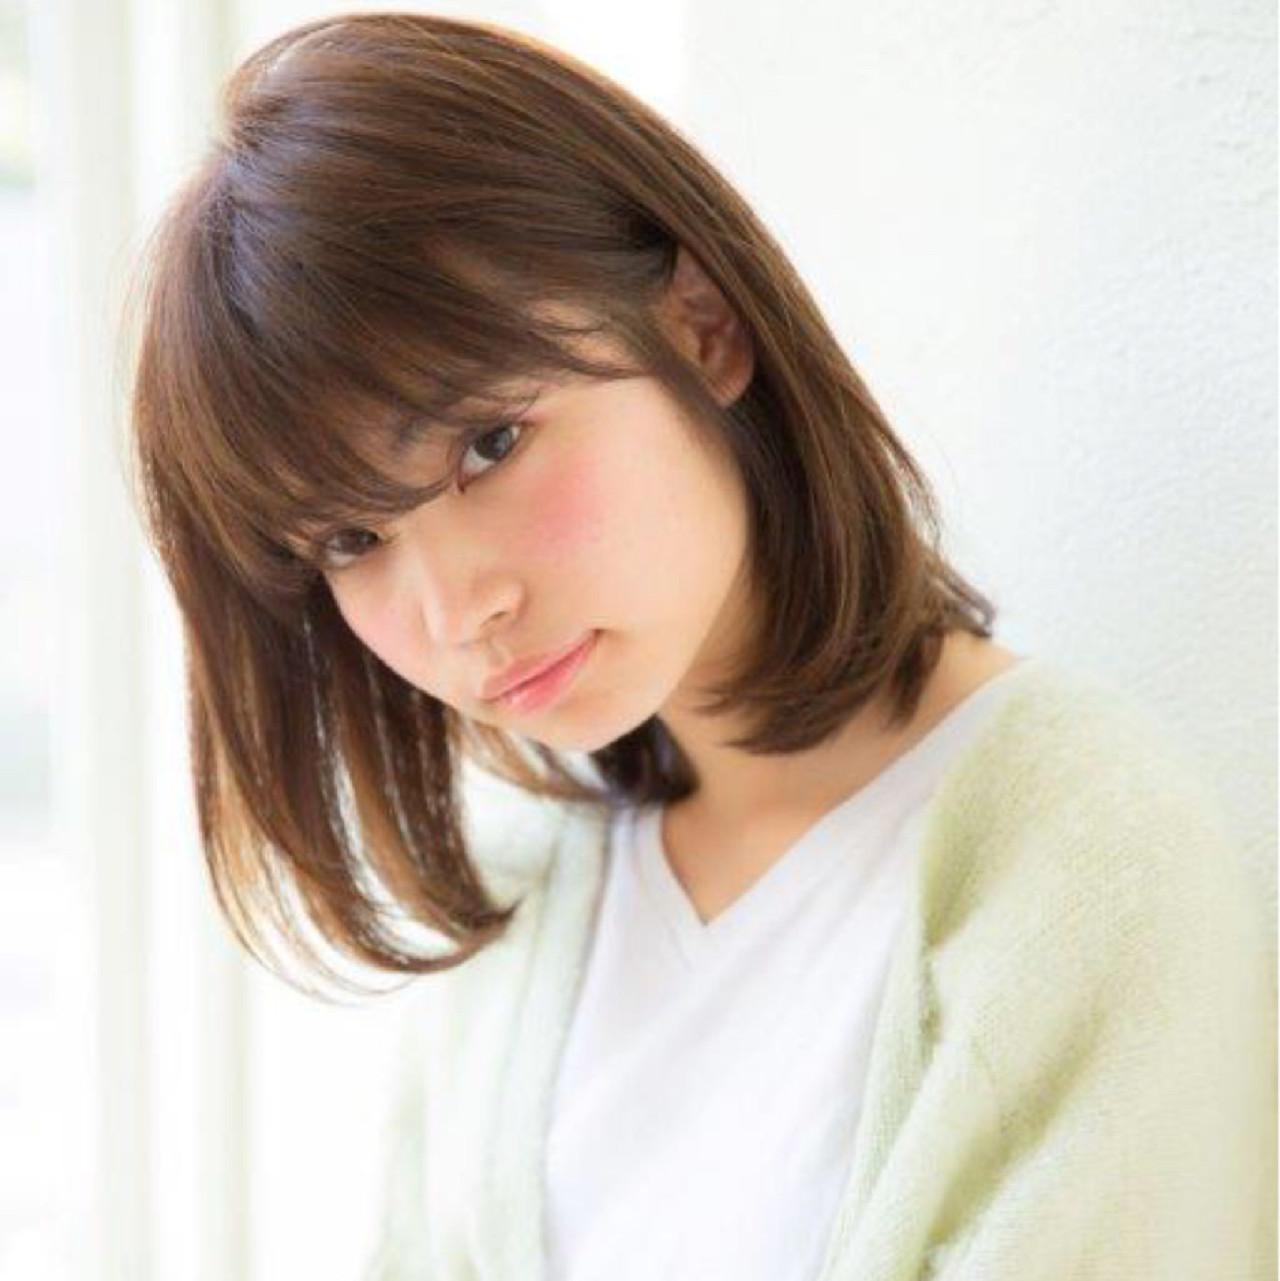 透け髪にキュンッ♡前髪だけじゃない、シースルーボブが今キテル理由。 増永 剛大 / Un ami